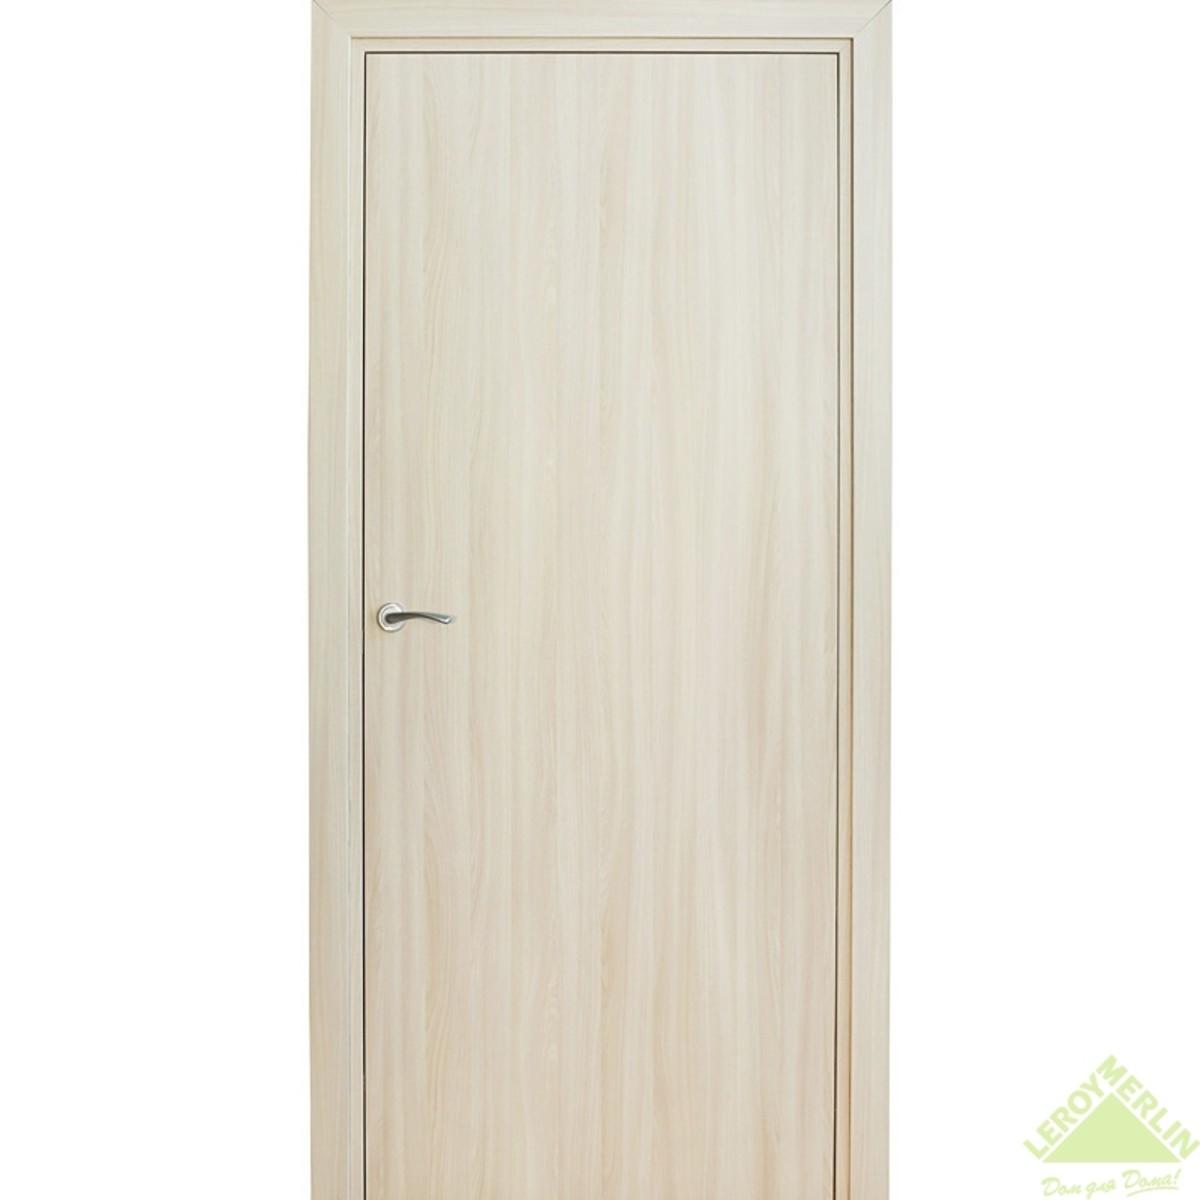 Дверь межкомнатная глухая Фортунато Модерн 60x200 см ламинация цвет ясень